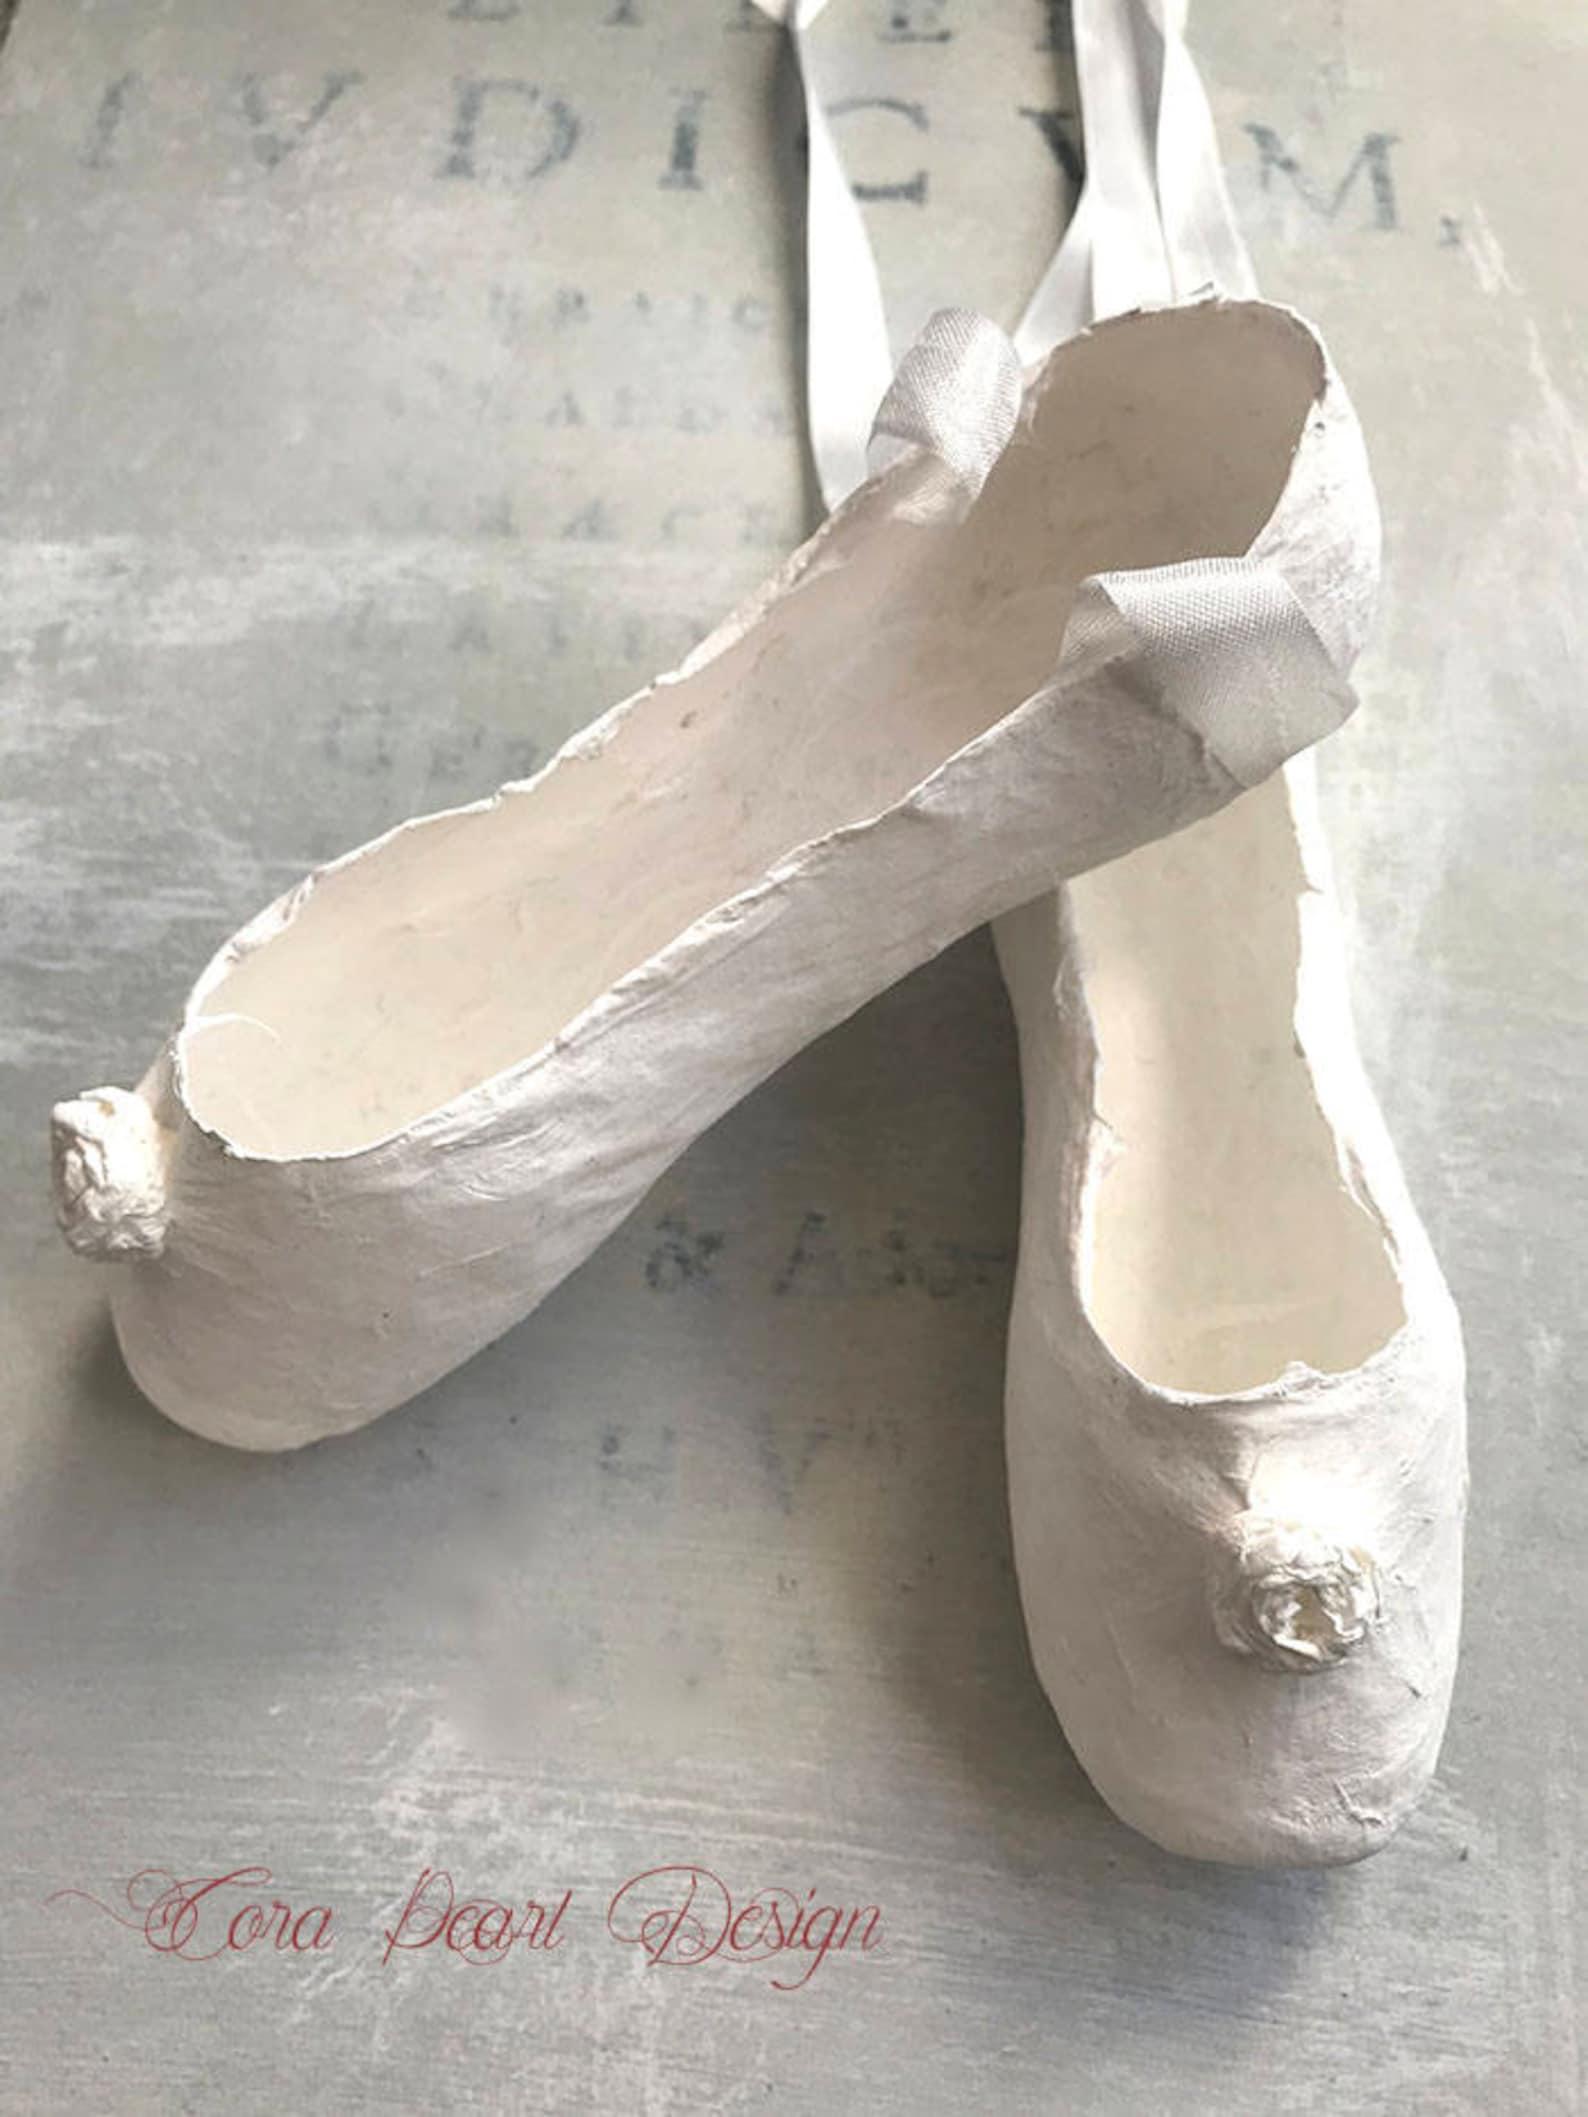 antique white paper ballet shoes , white pointe shoes , decorative shoes , nursery decor - children's bedroom decor - paper